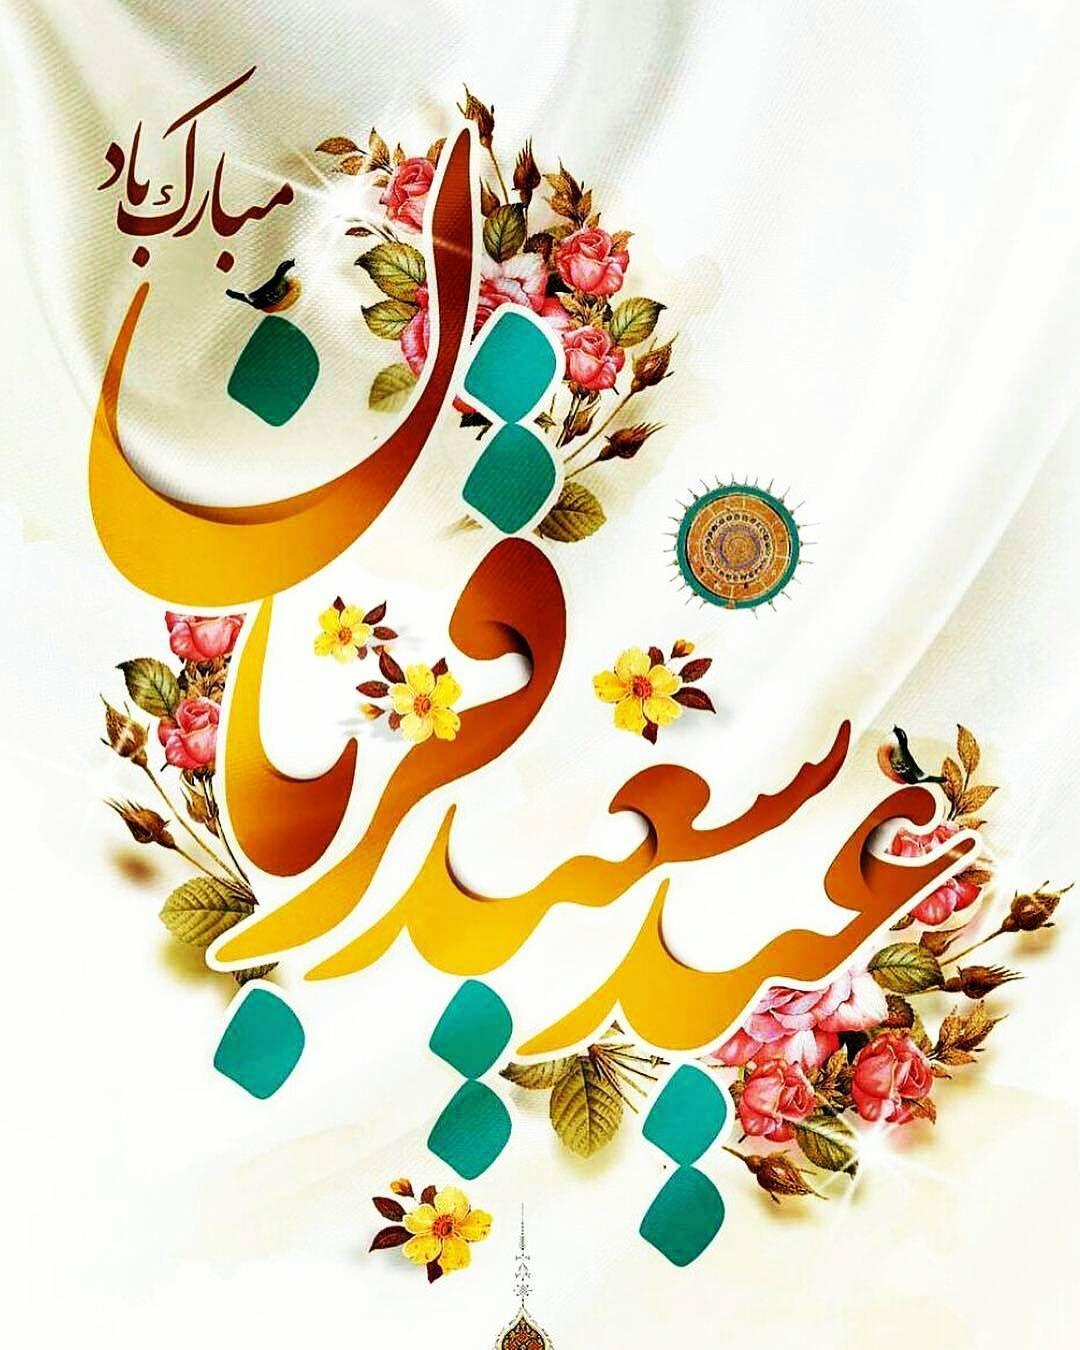 عید قربان است ای یاران گل افشانی کنید در منای دل وقوف از حج روحانی کنید تا نیفتاده است جان در Roots And Wings Flower Phone Wallpaper Floral Wallpaper